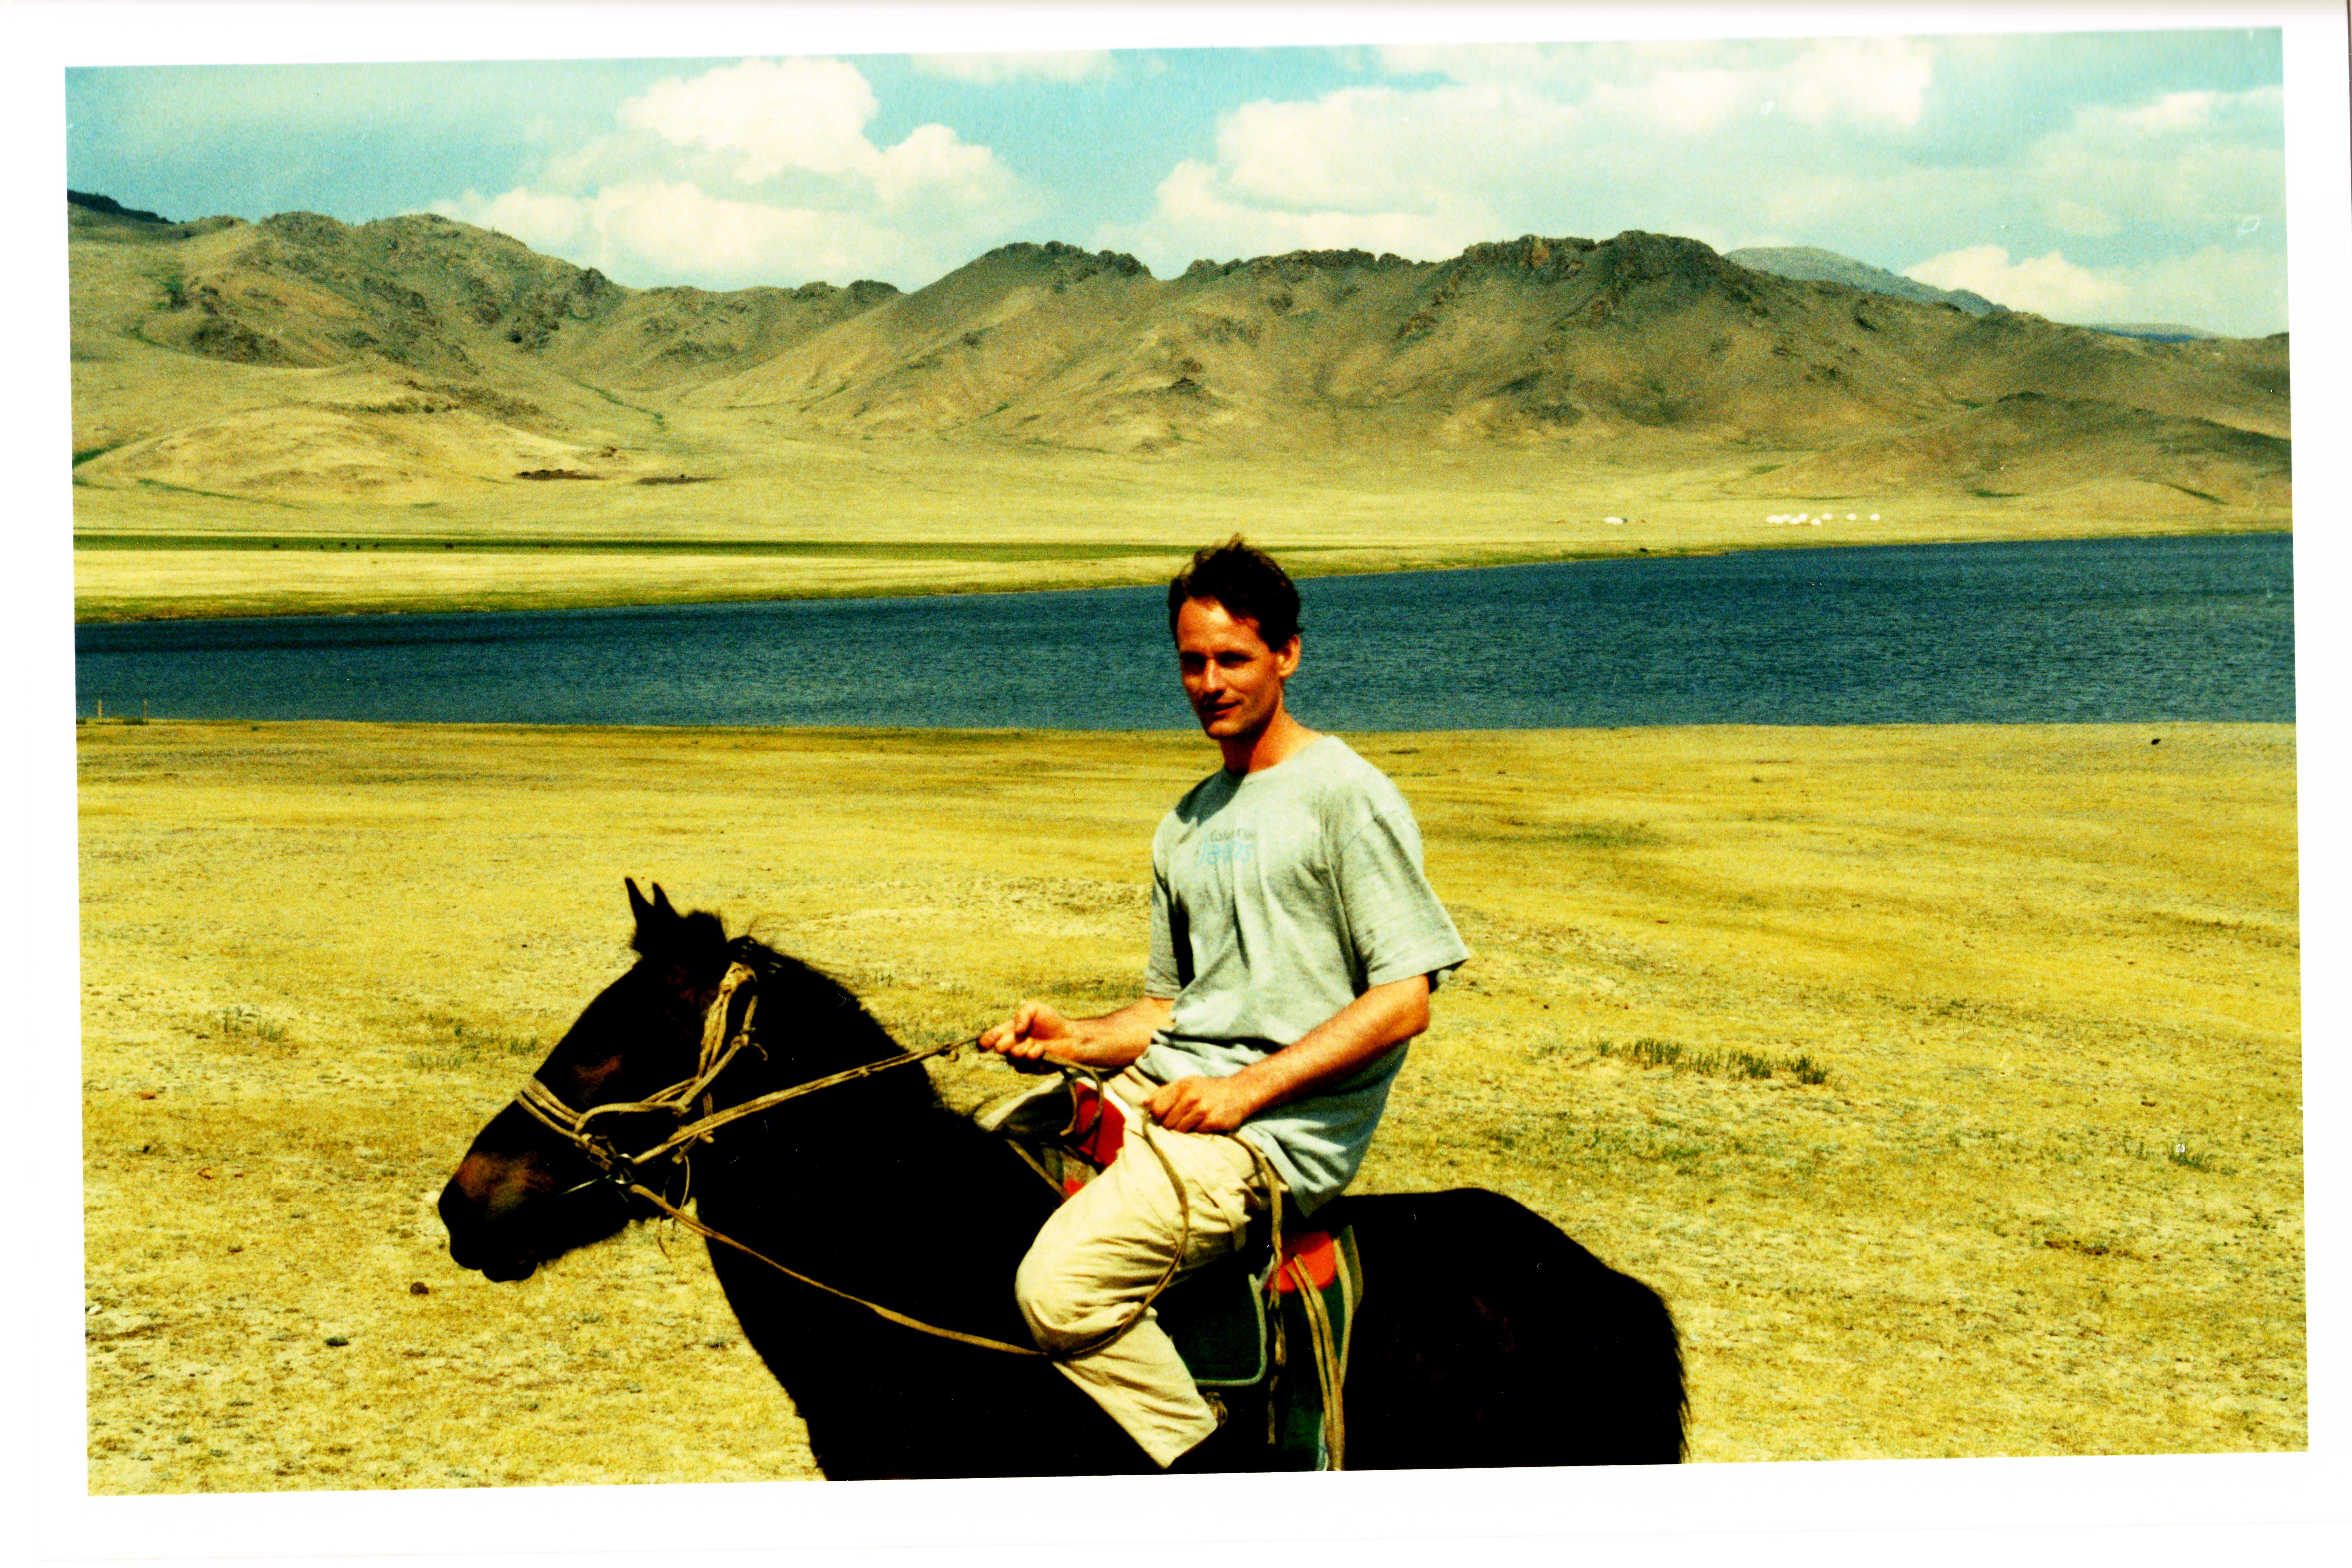 Mongolia lake